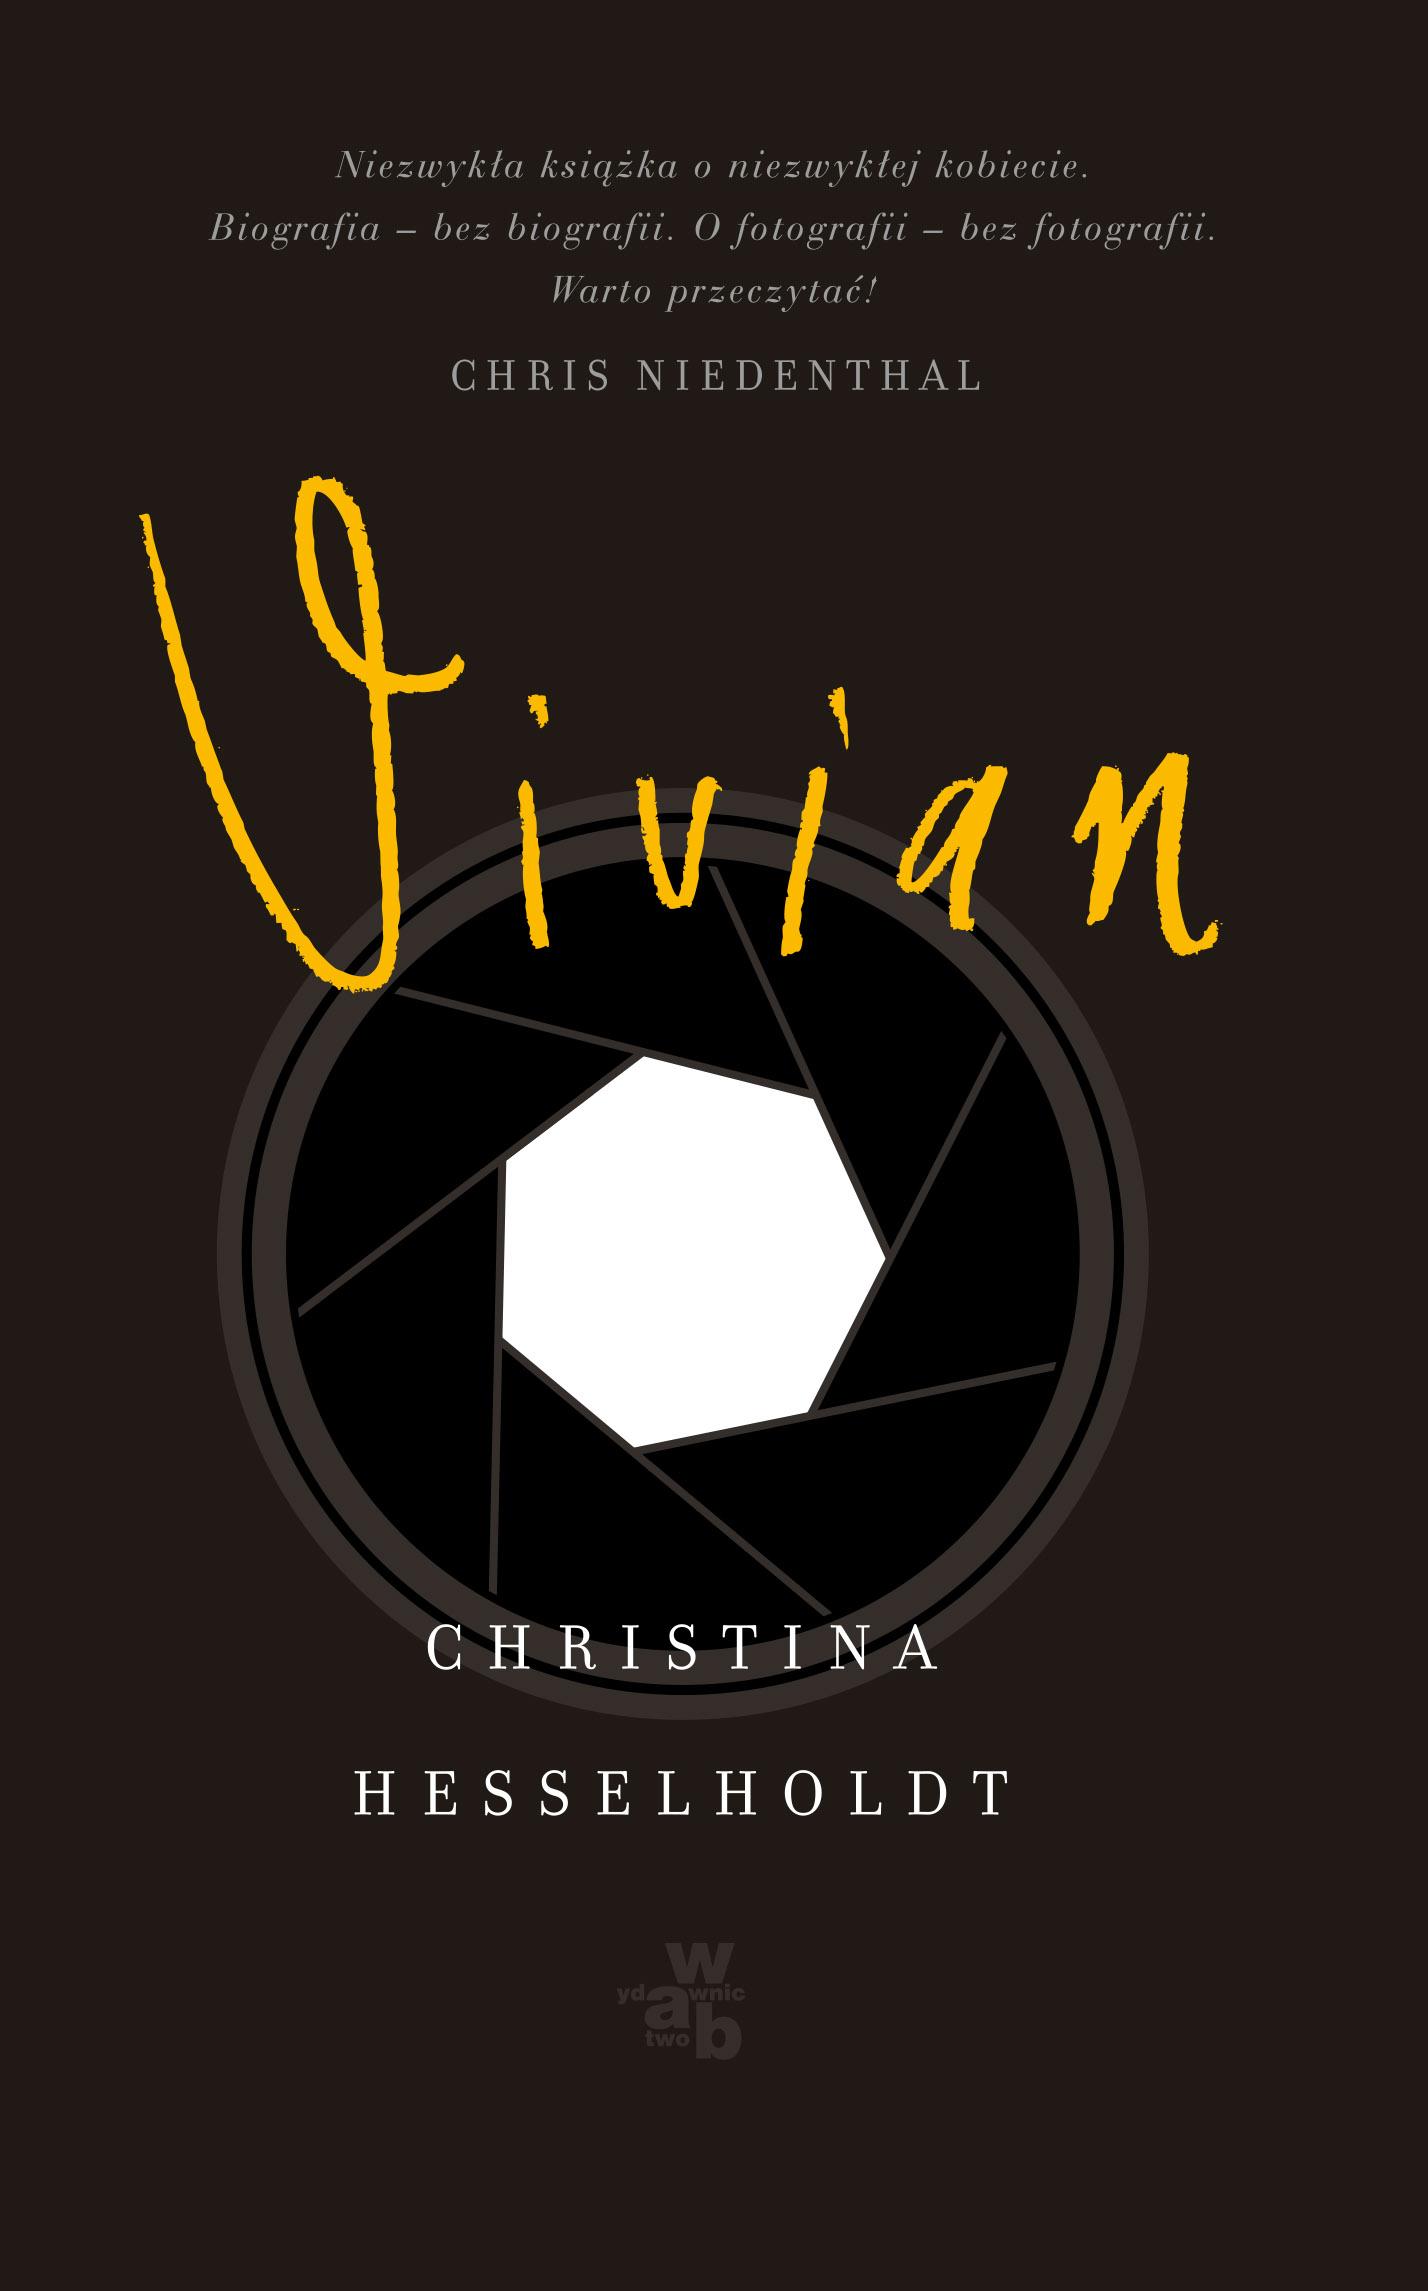 """Christina Hesselholdt, """"Vivian"""" (źródło: materiały prasowe wydawnictwa)"""